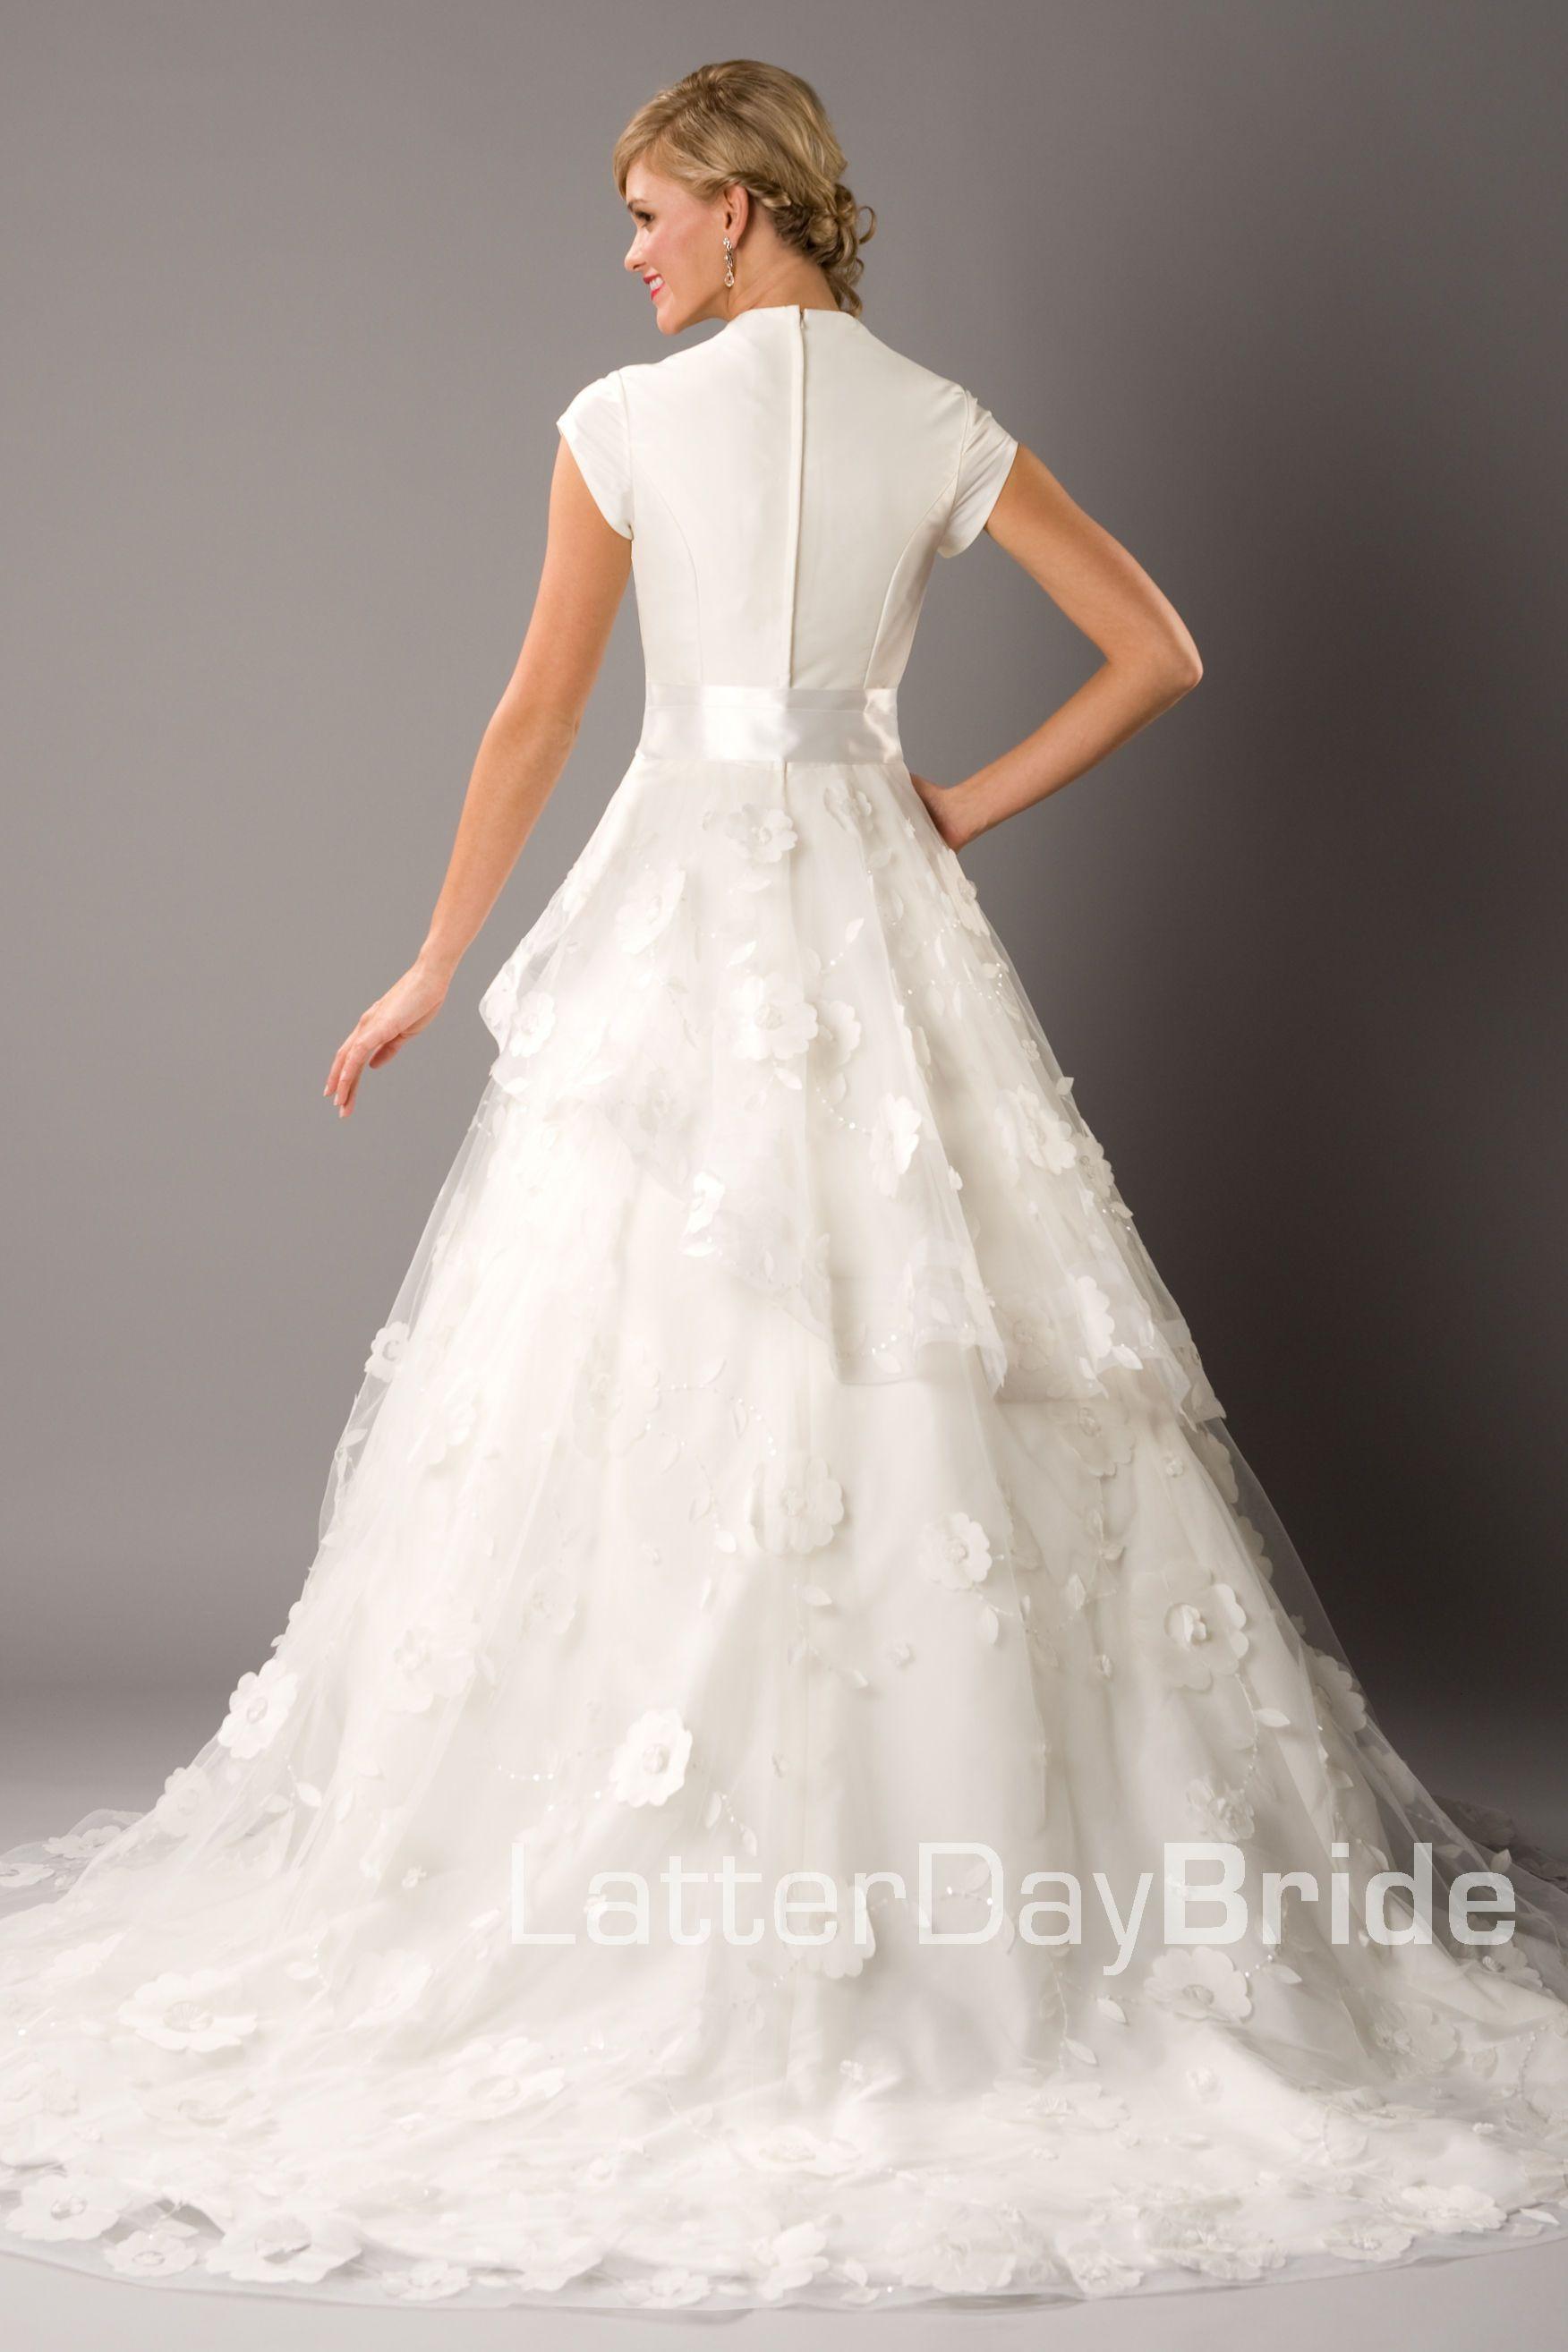 Pin by Amanda Olivarez on Wedding Dresses Modest wedding